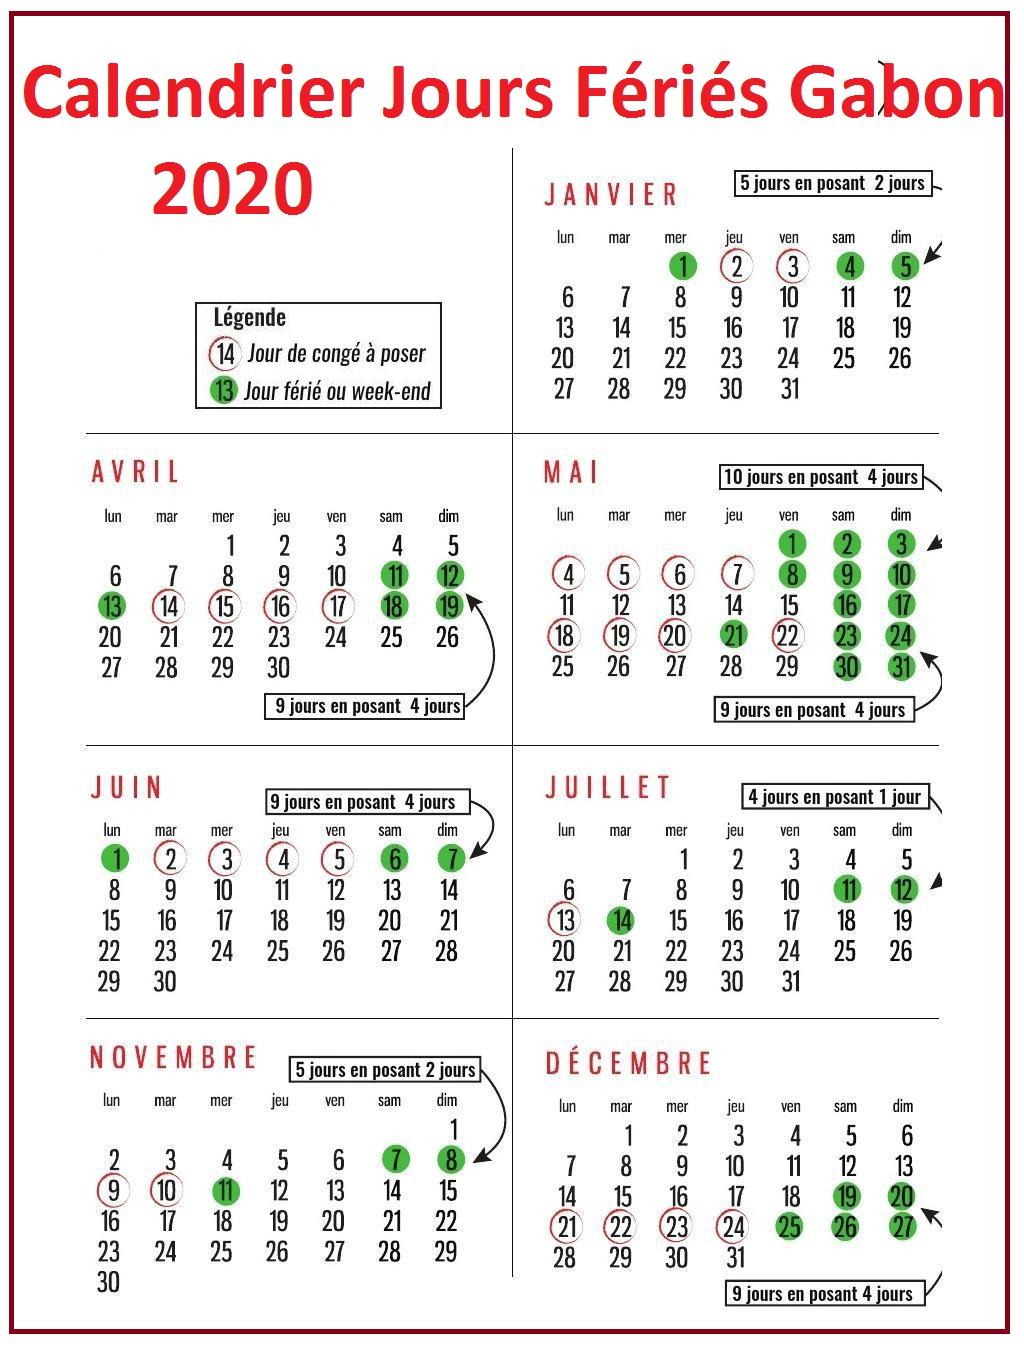 Jours Fériés Gabon 2020 Excel